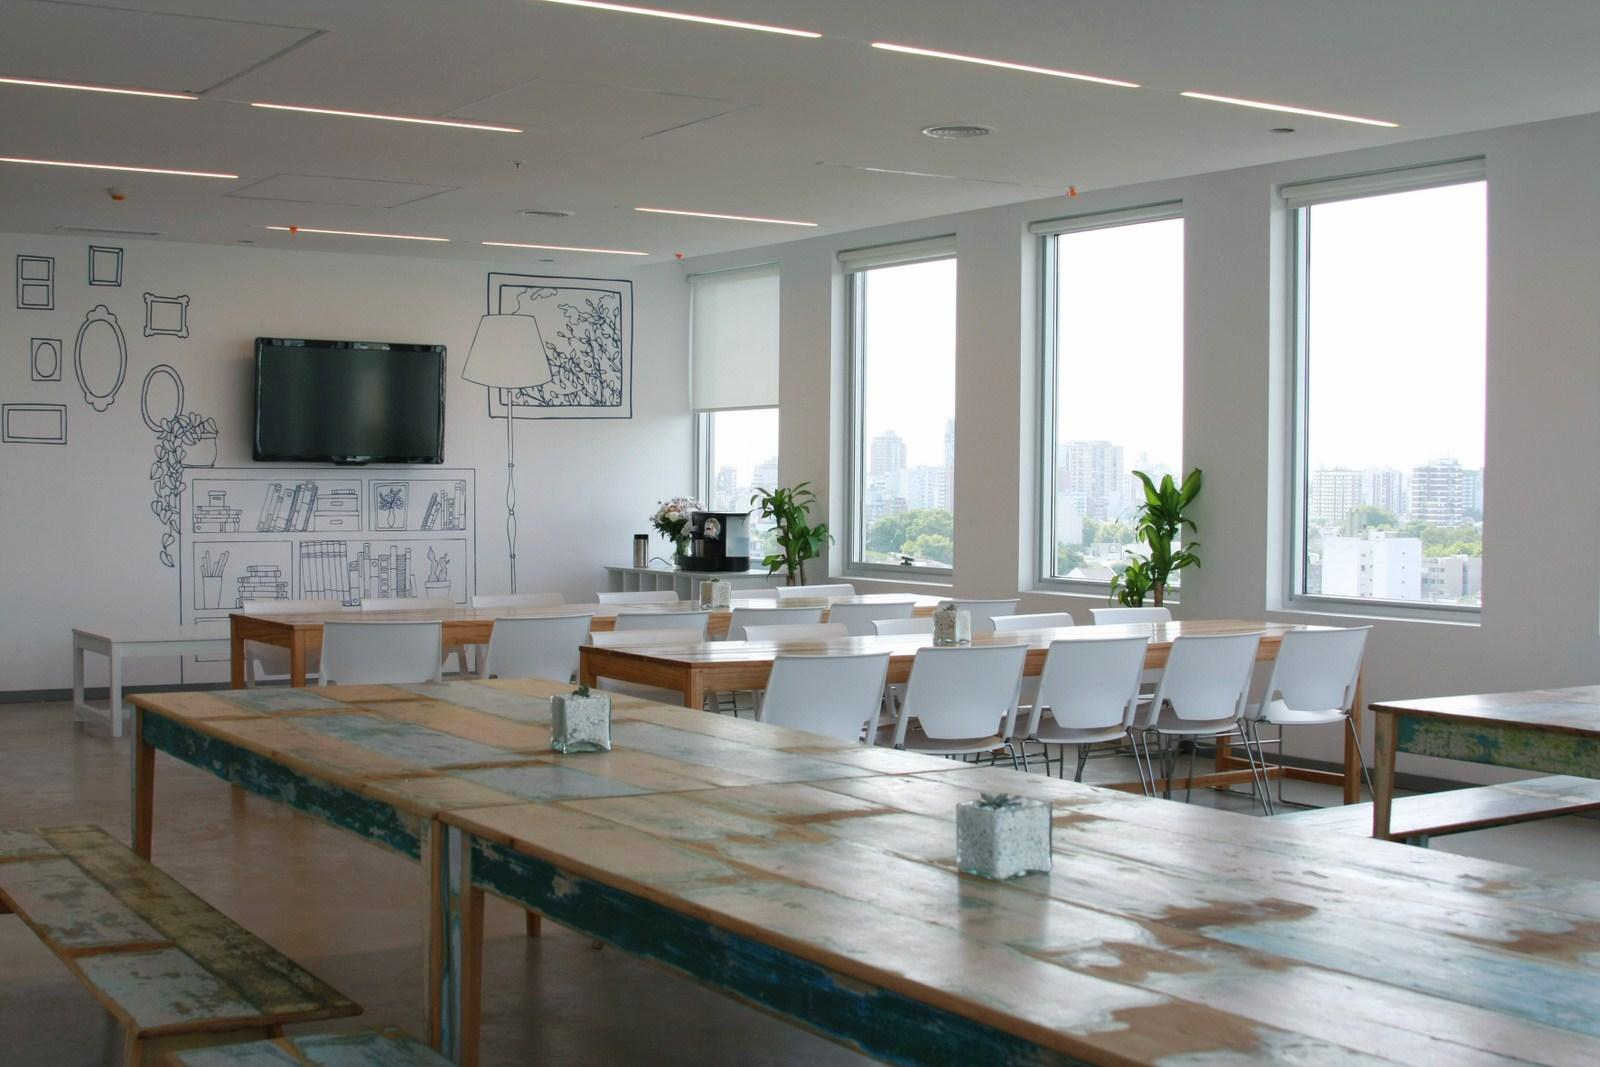 Oficina publica saludable oficinas de mercadolibre en la - Comedor empresa ...